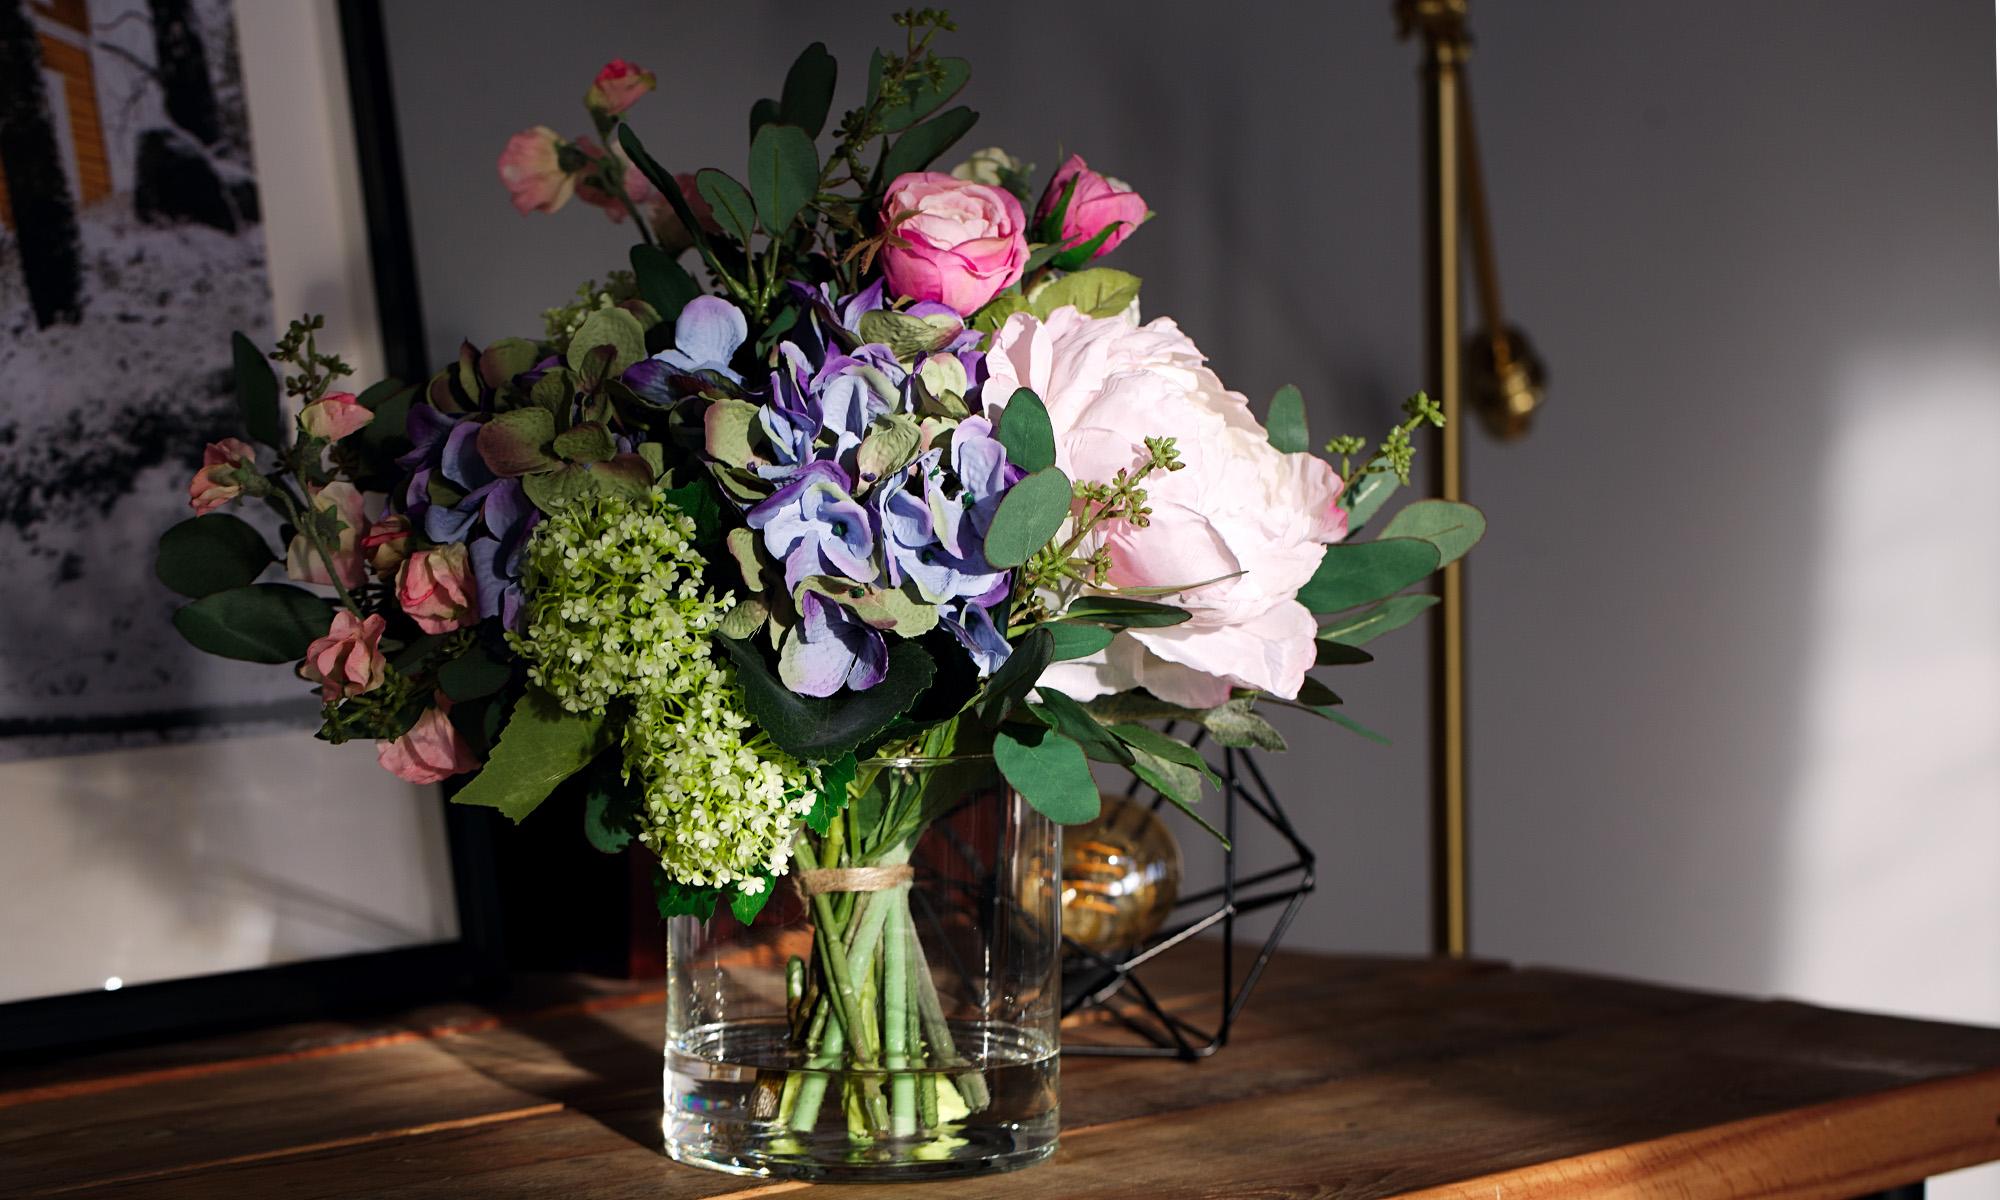 Купить Композиция из искусственных цветов - синяя гортензия, ранункулюсы, эвкалипт, пионы, inmyroom, Россия